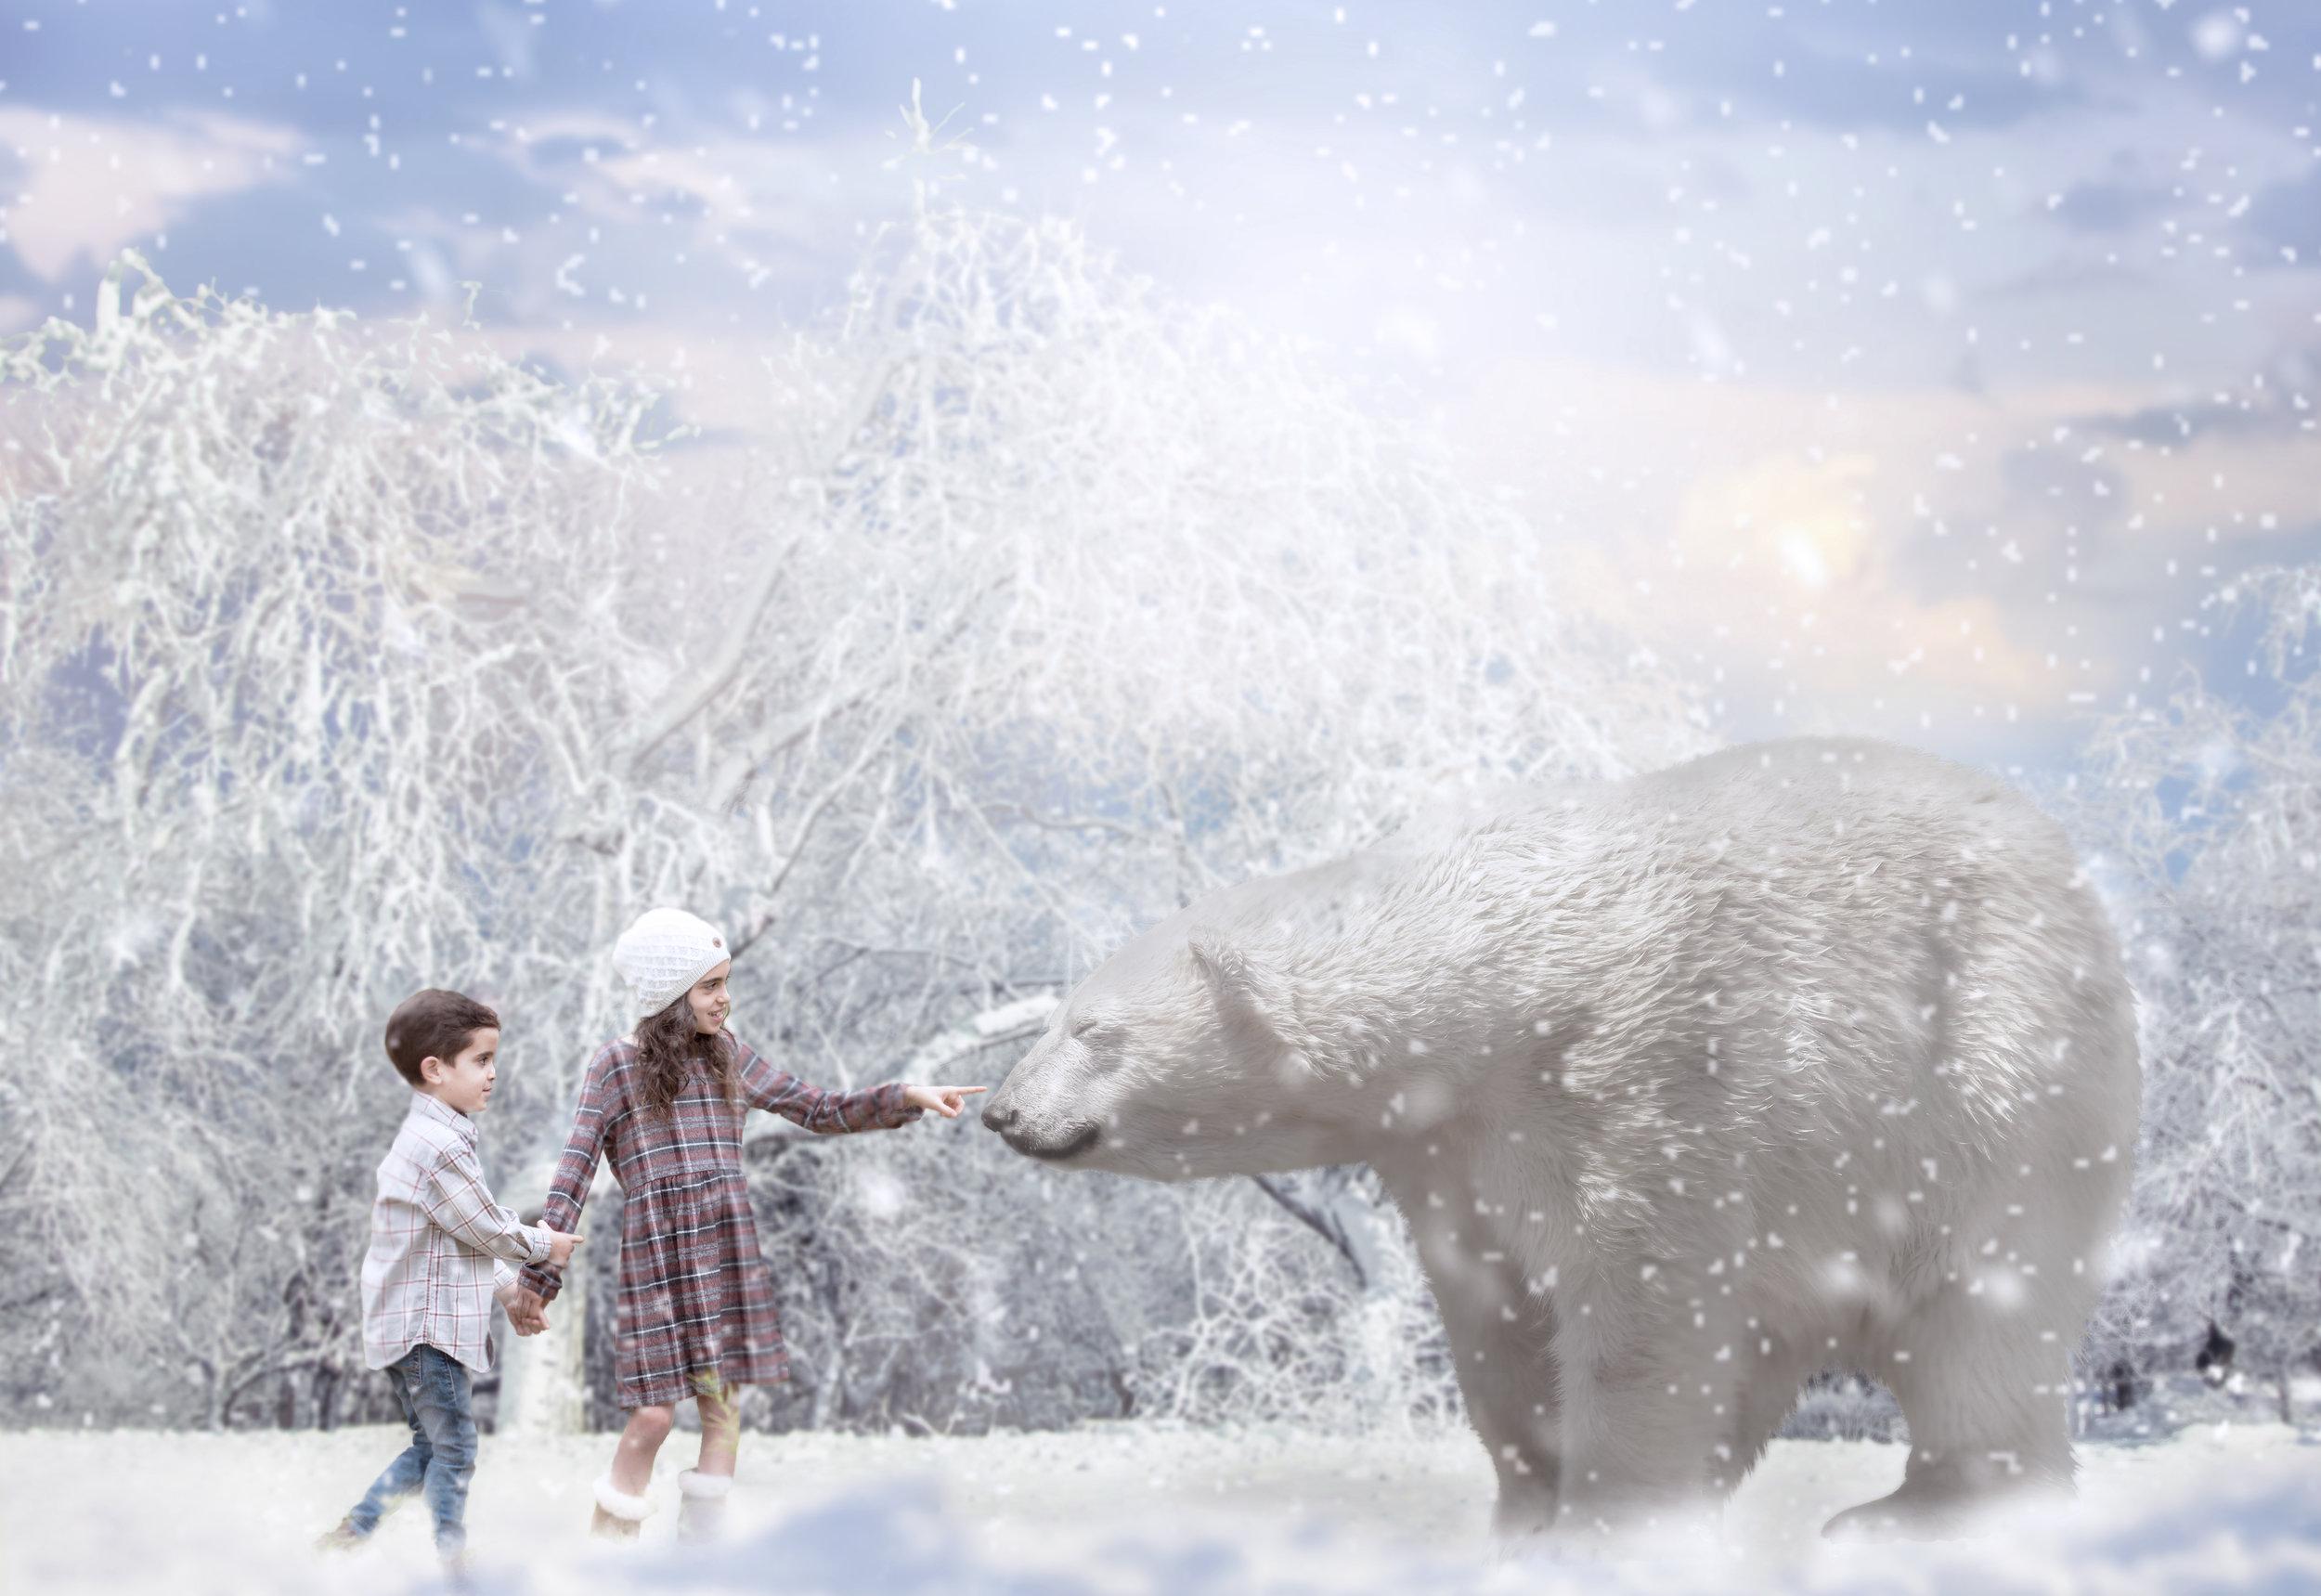 Polar+Bear-+White+Wonderland.jpg